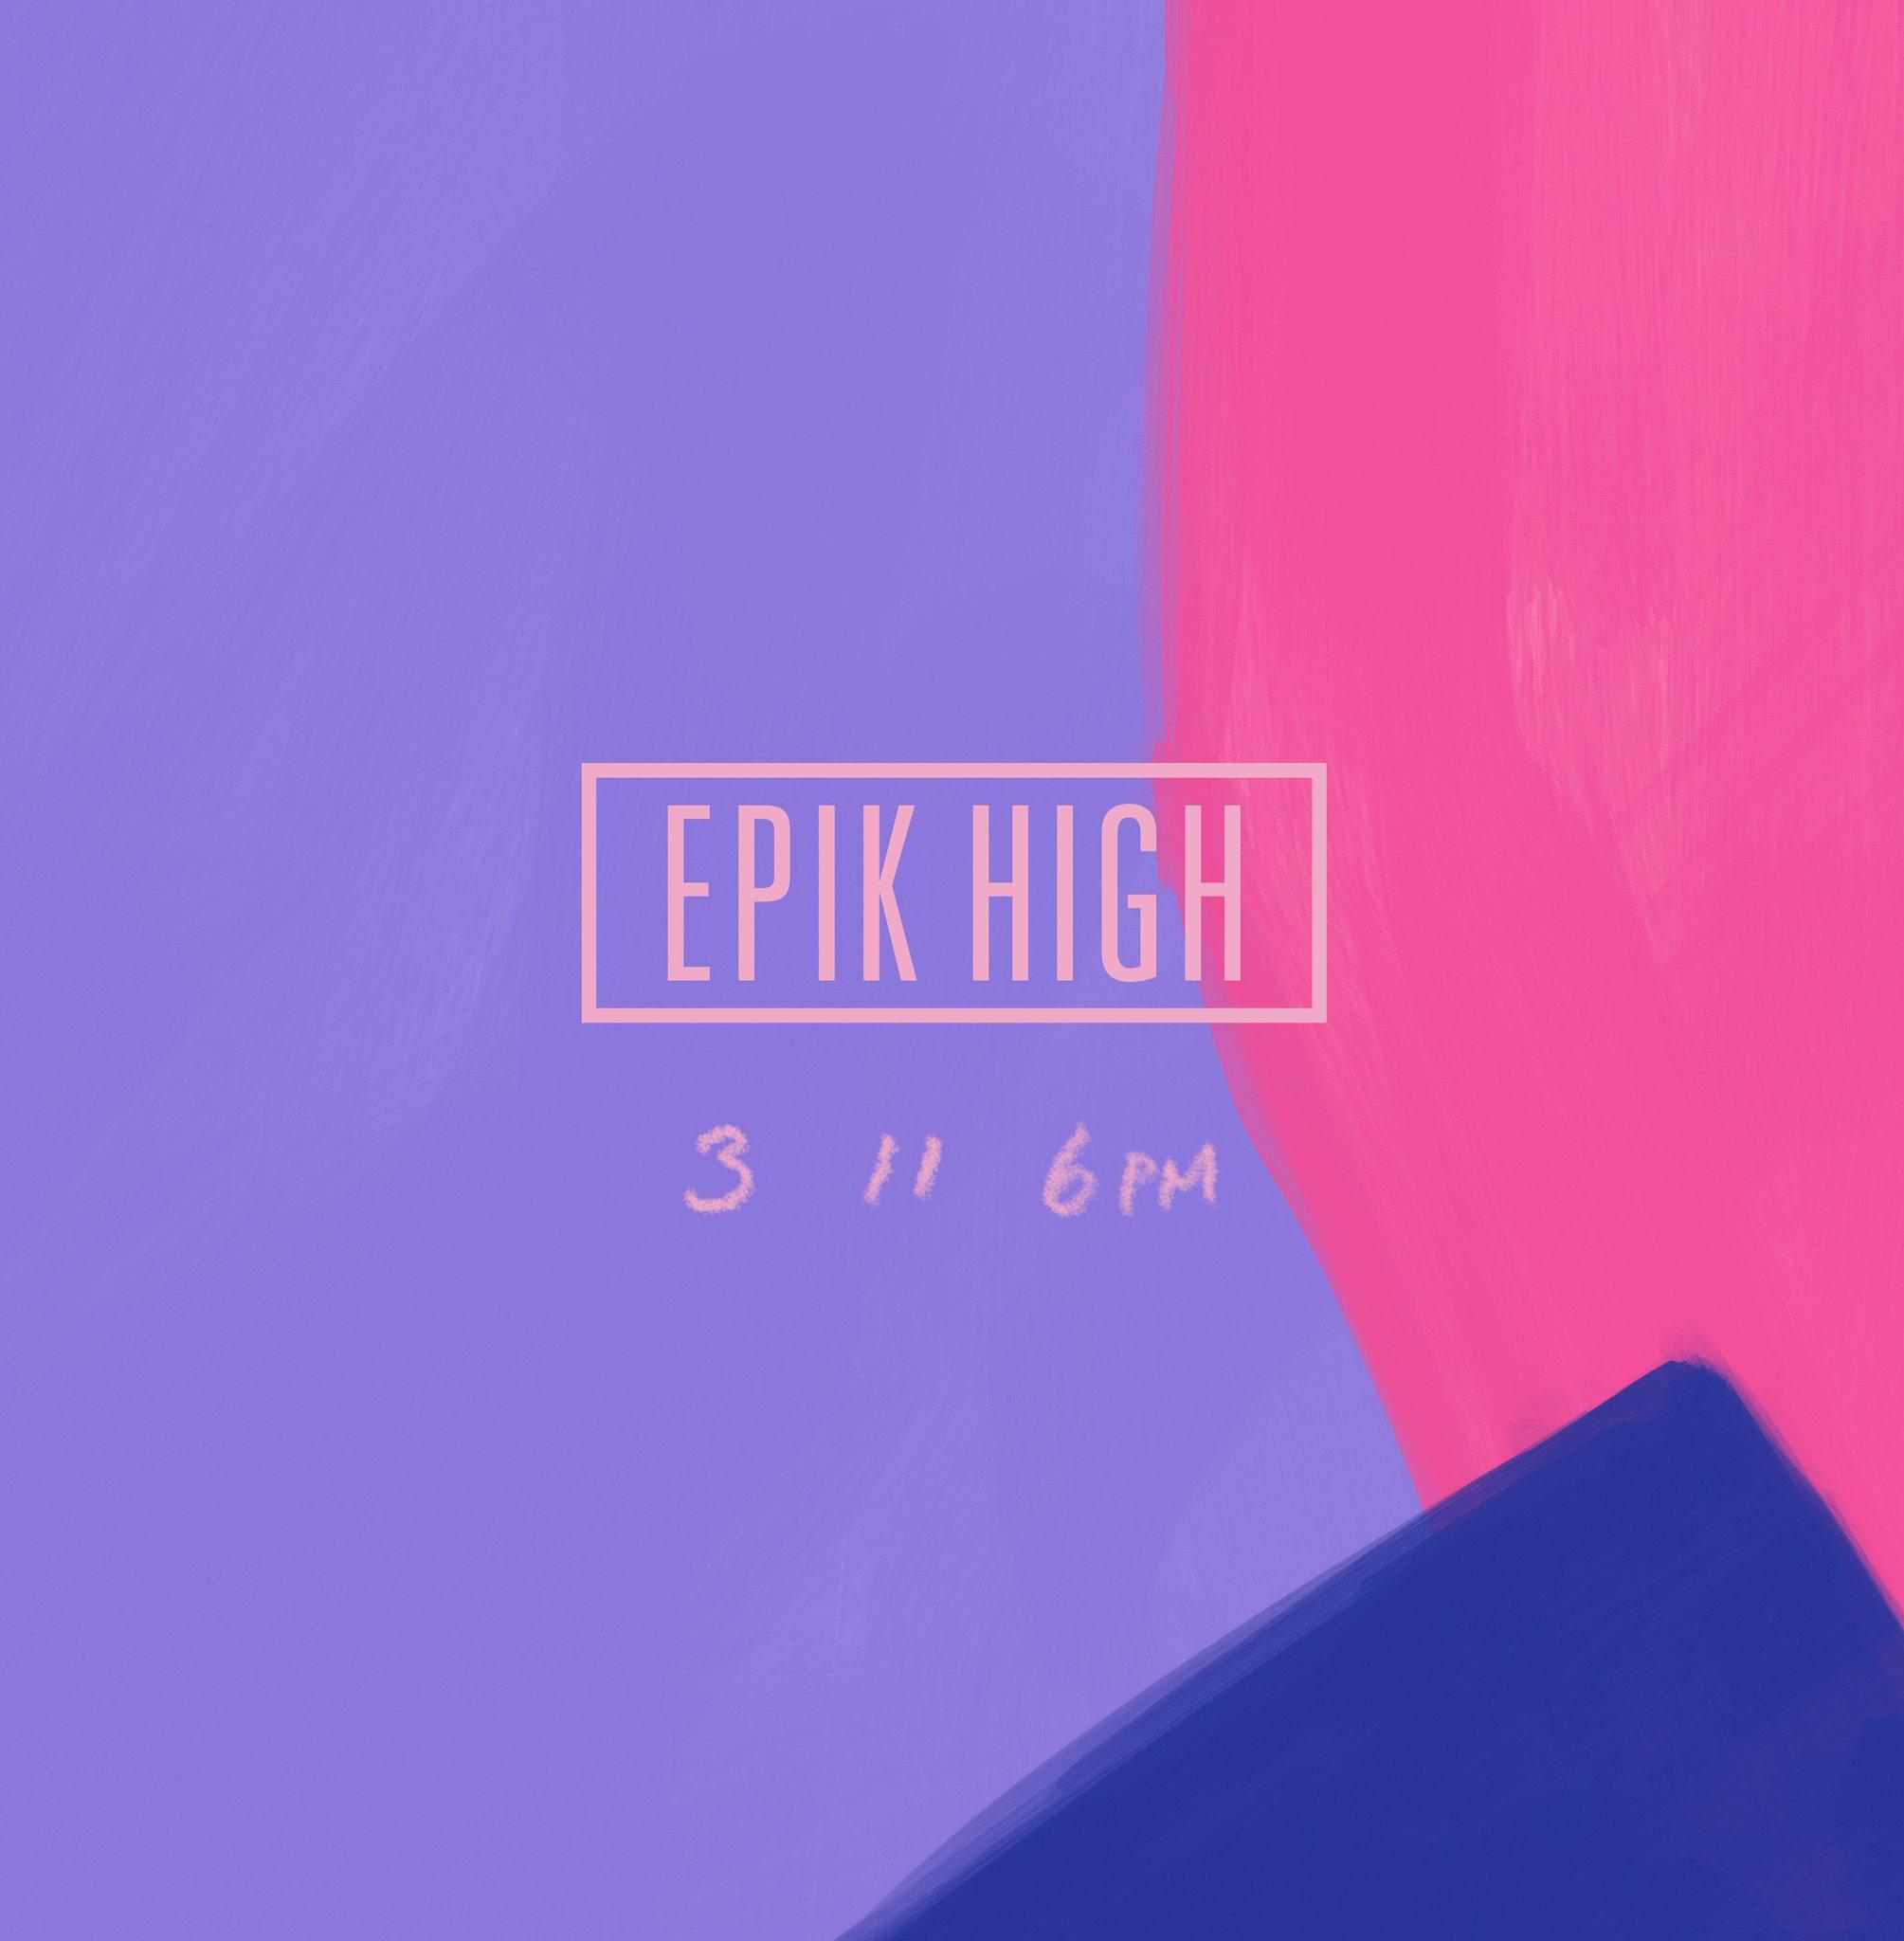 에픽하이의 새 앨범. 3월 11일 저녁 6시. Epik High's new album. March 11th 6pm (KST). #에픽하이 #EPIKHIGH https://t.co/0YMdstawOF